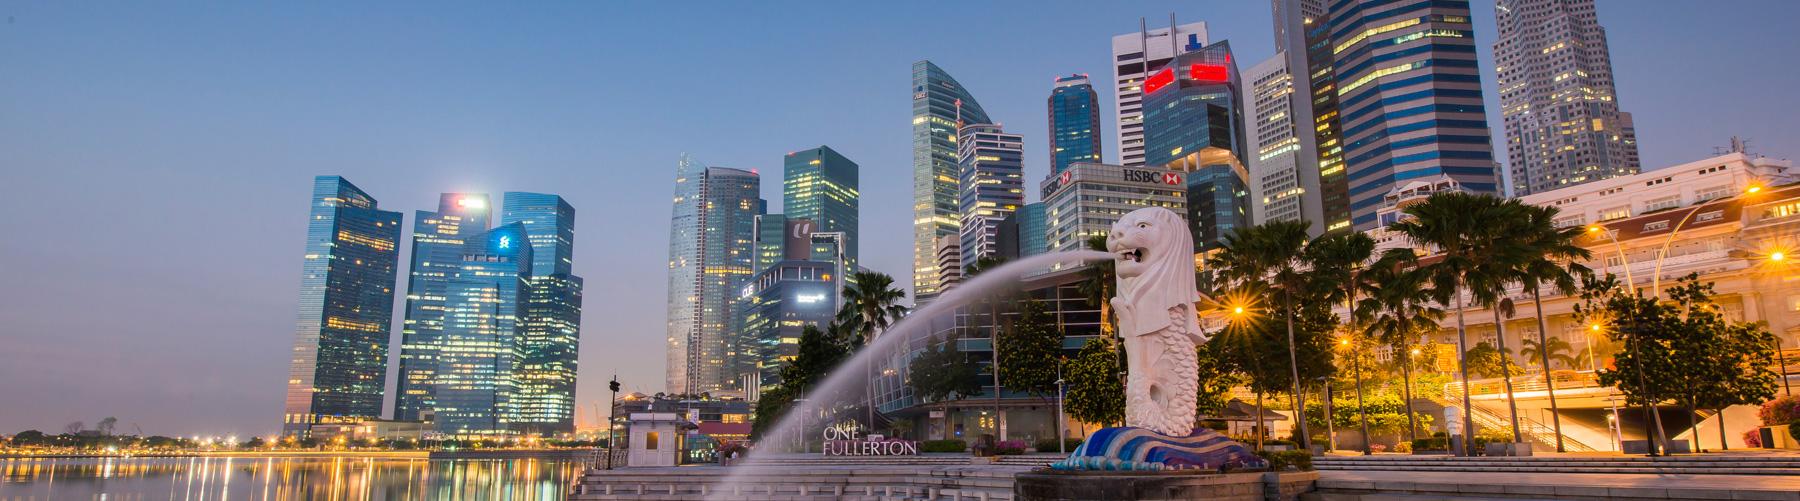 シンガポールの観光情報をご紹介します!魅力的なシンガポール観光をお楽しみください!